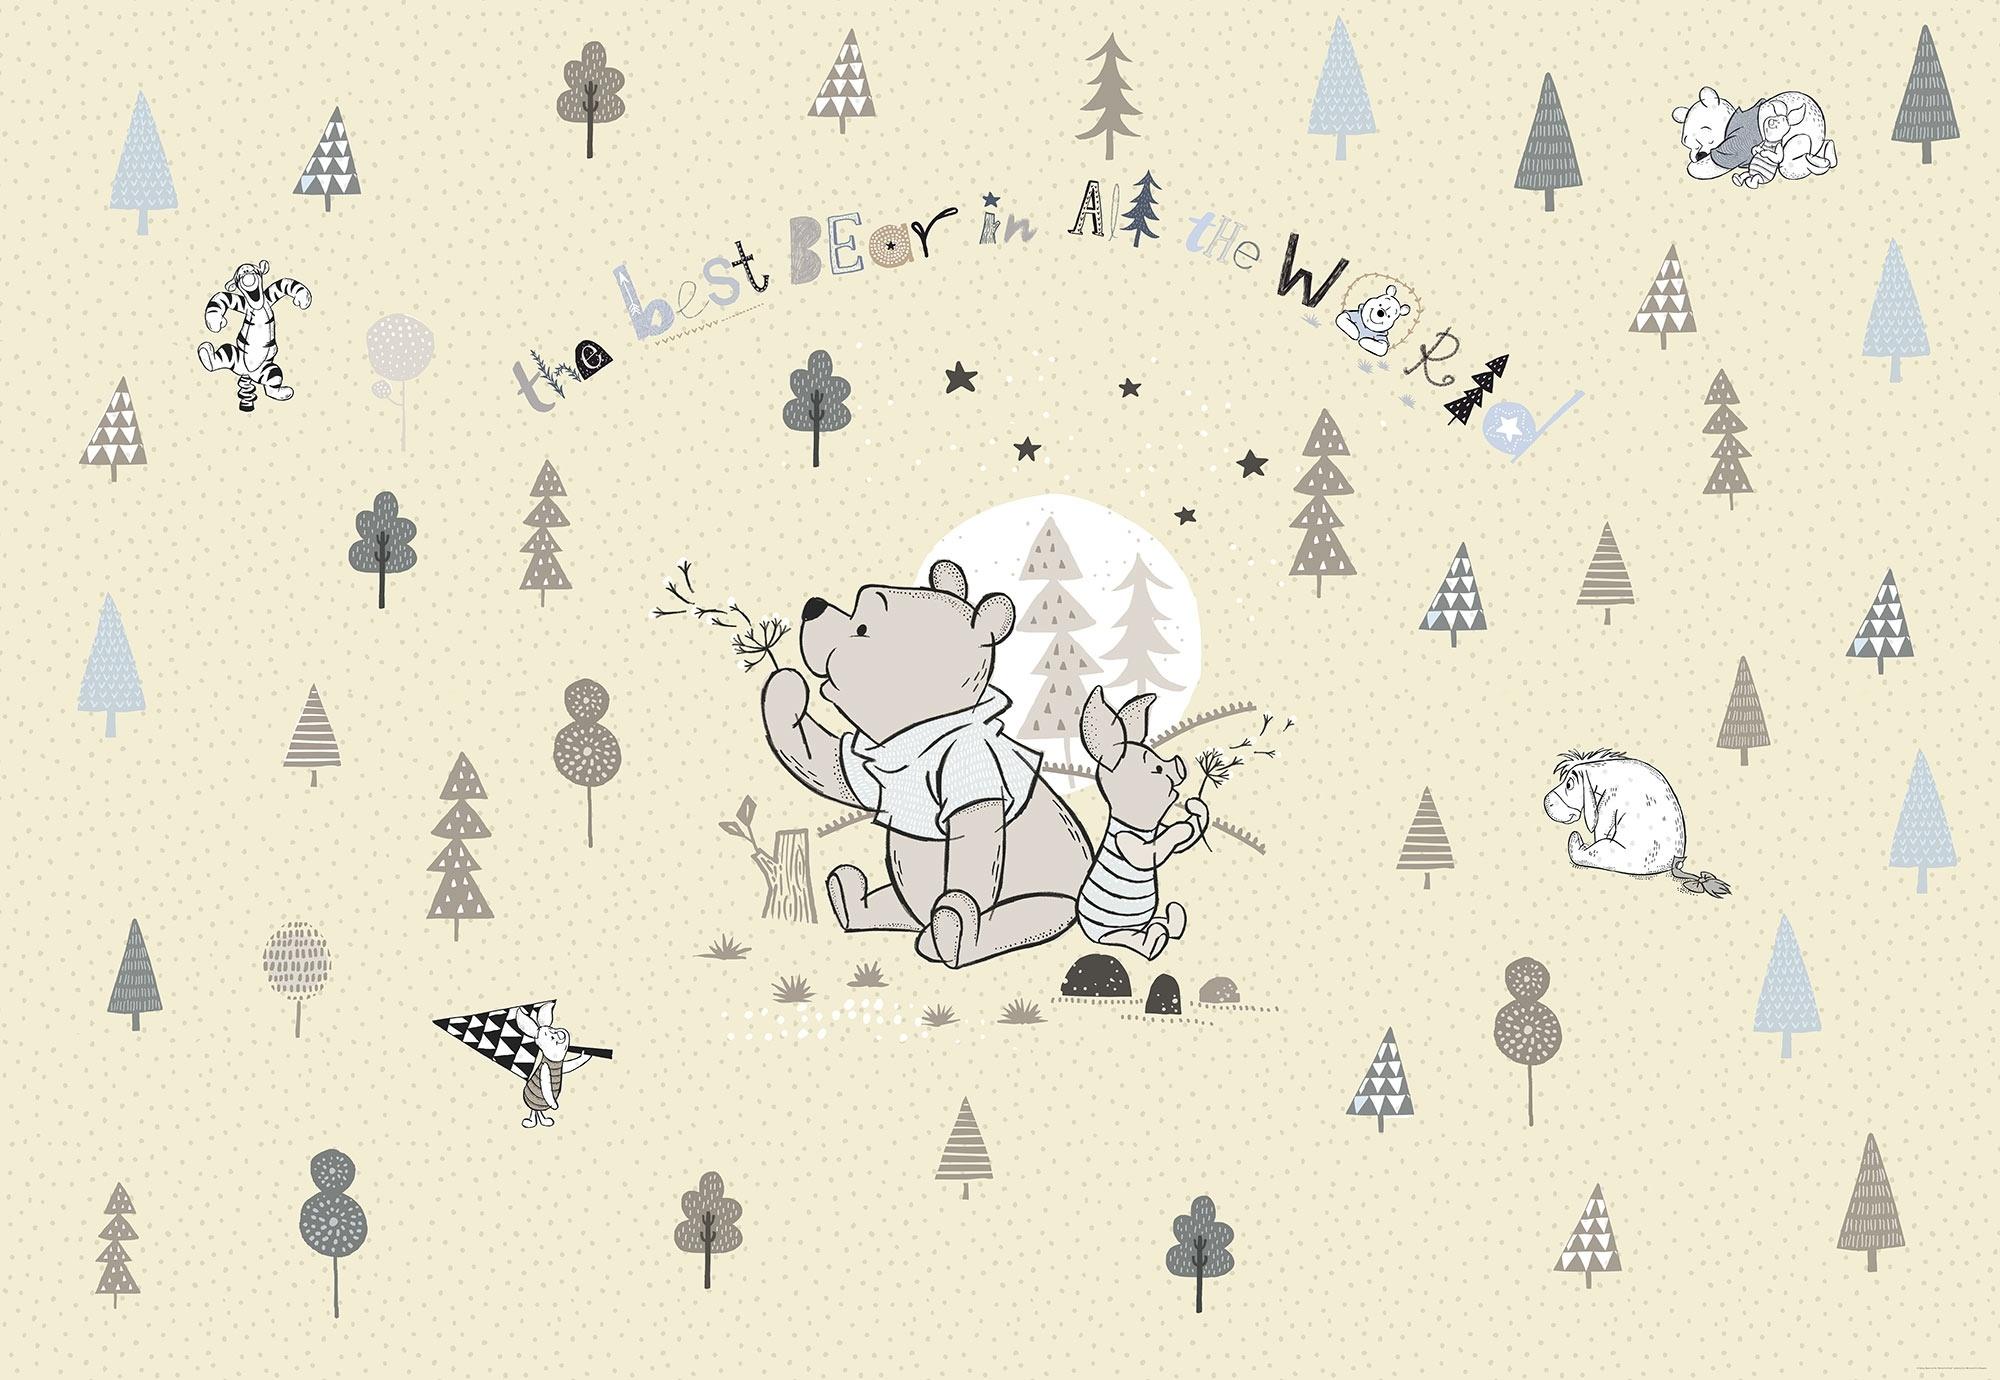 Disney Edition 4 Kinderbehang Komar - Kinderkamer behang WINNIE POOH BEST BEAR